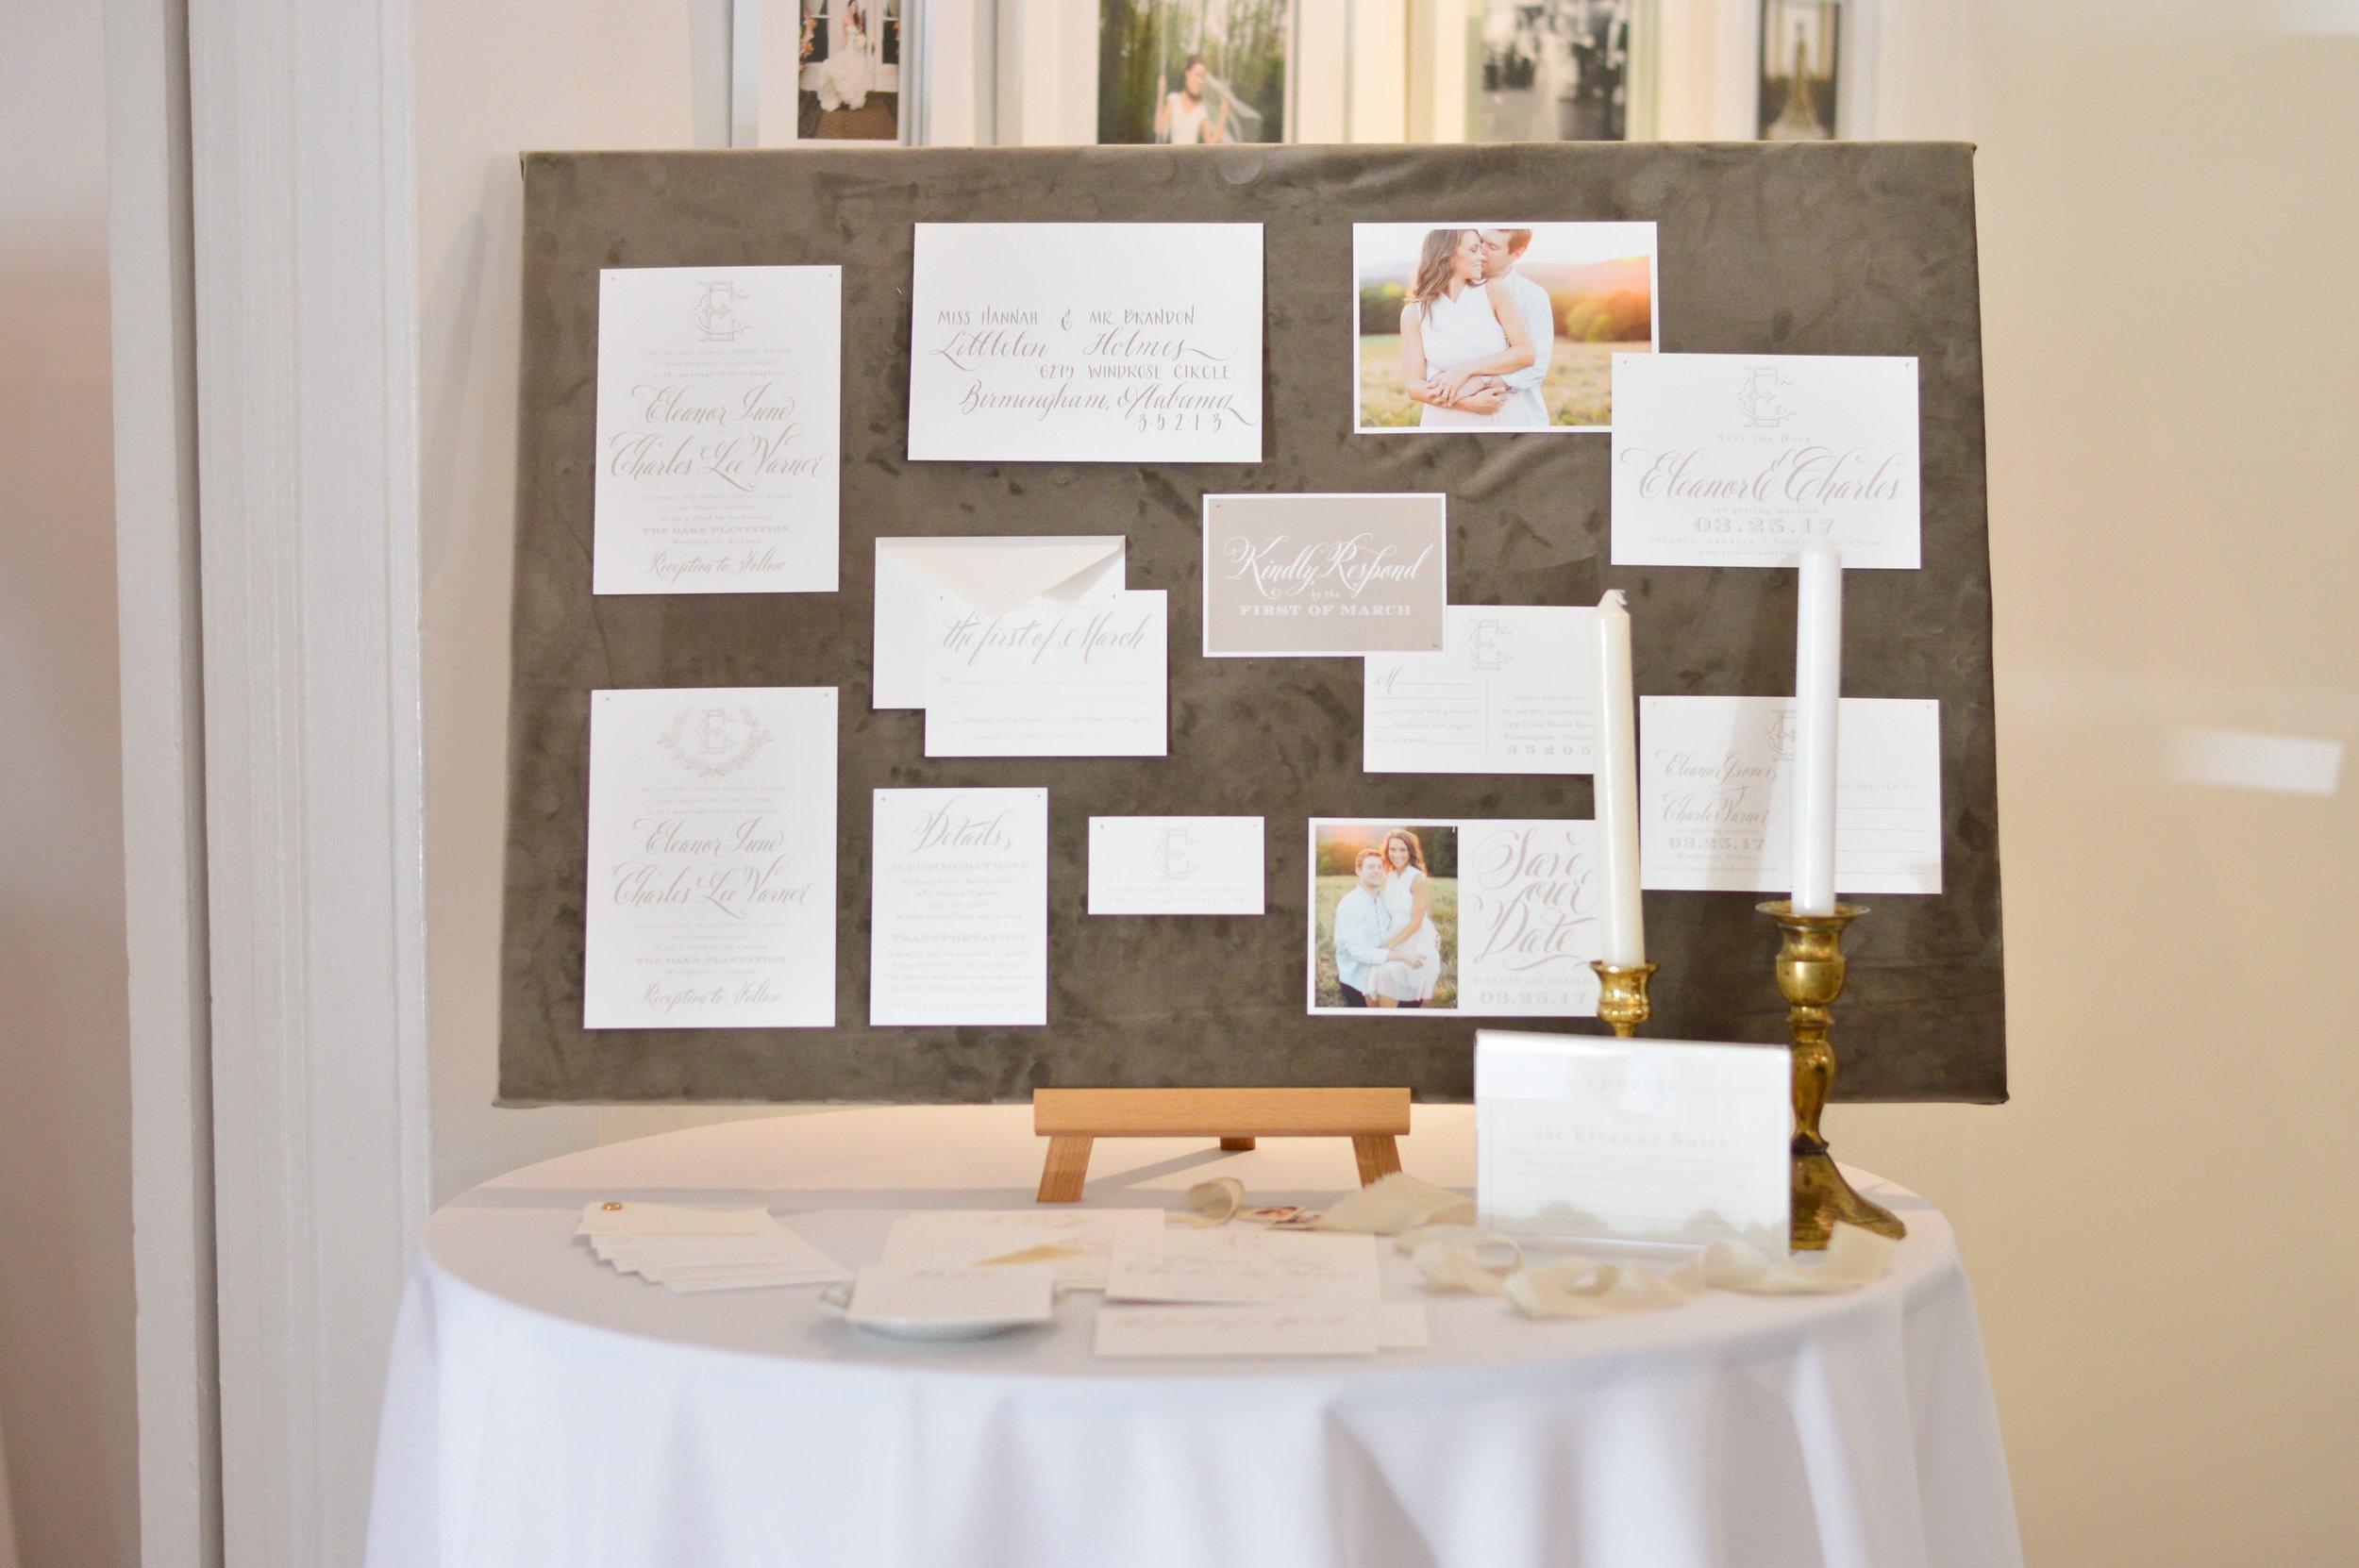 wedding invitation design board